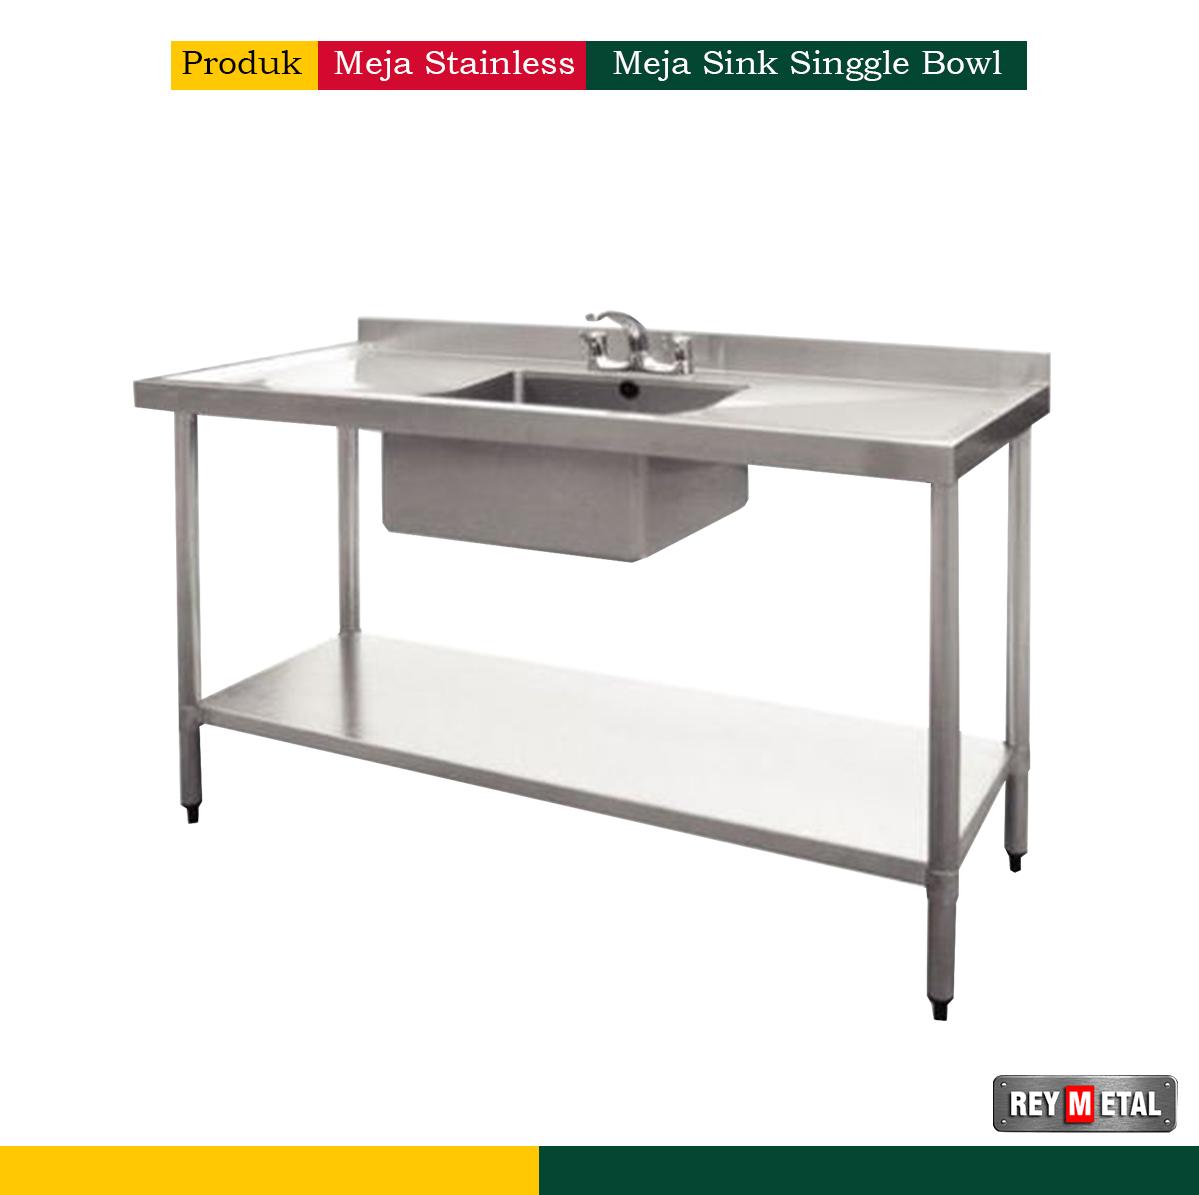 Meja sink stainless steel murah